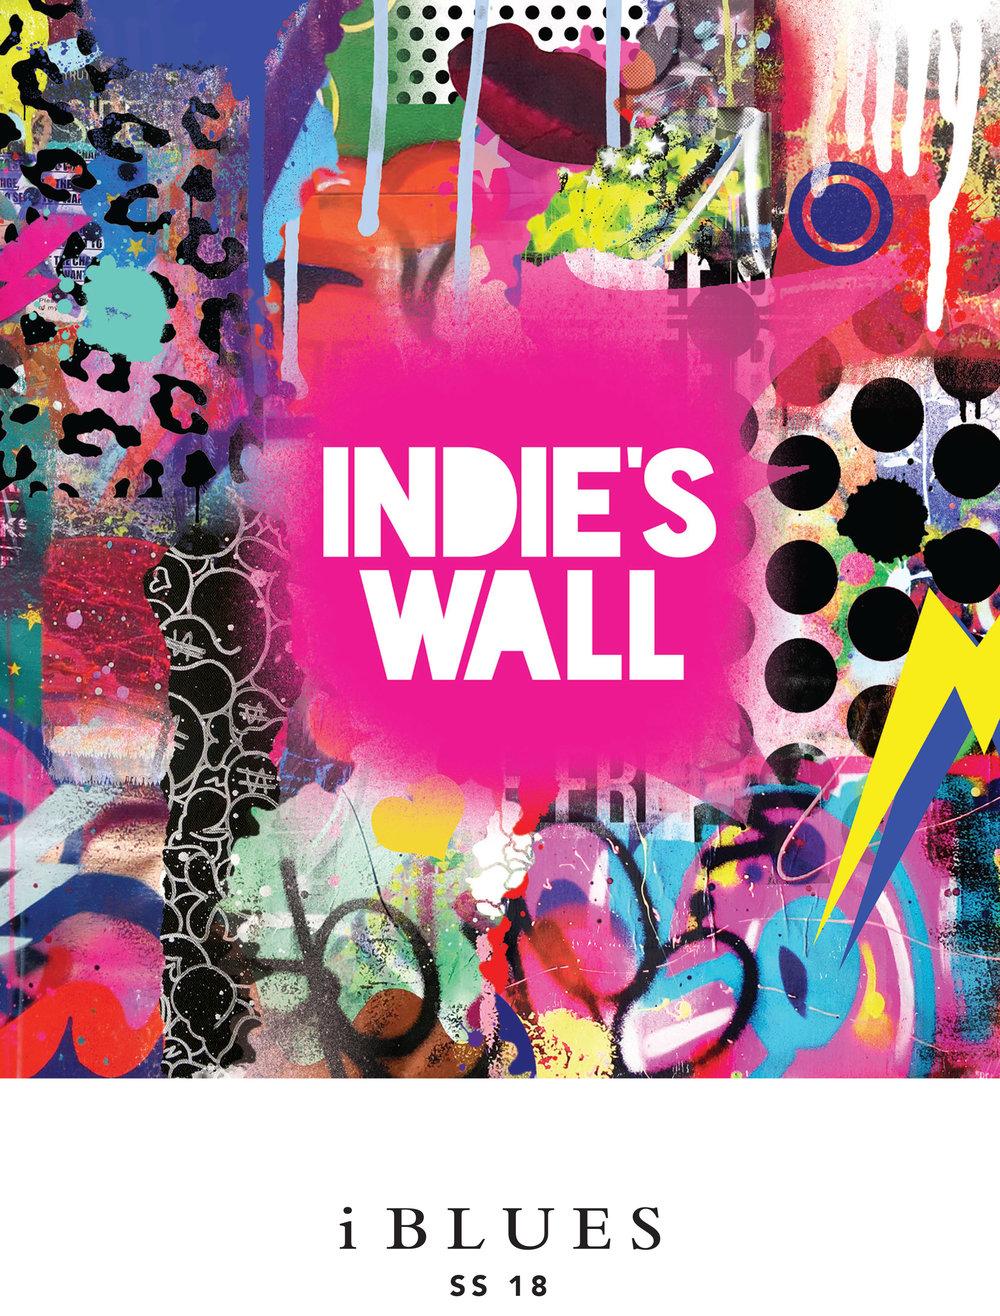 iBLUES x INDIE 184